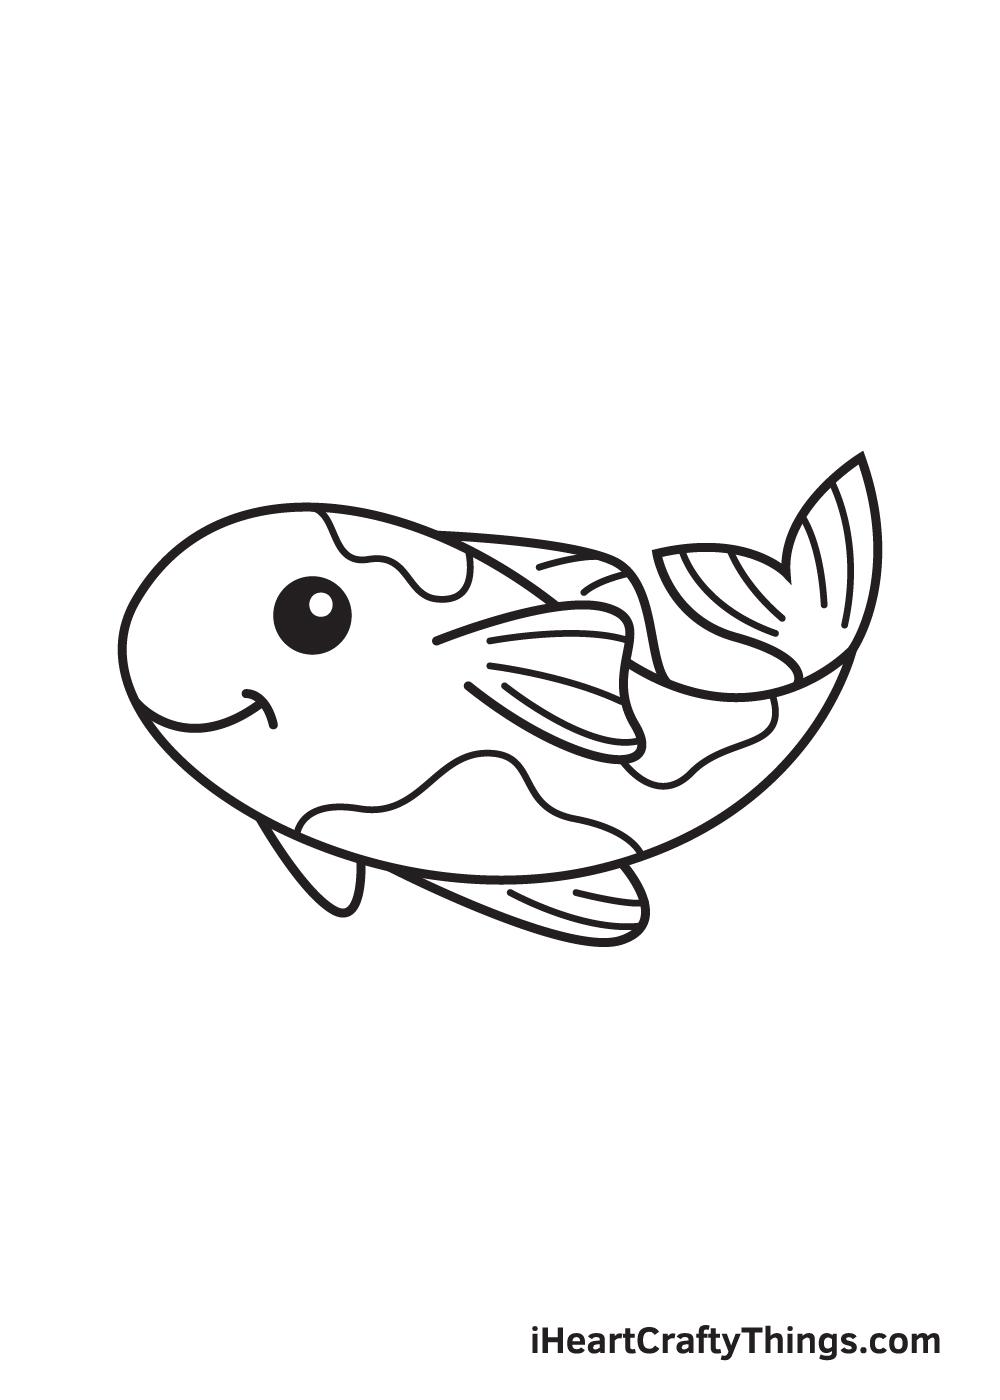 koi fish drawing step 9